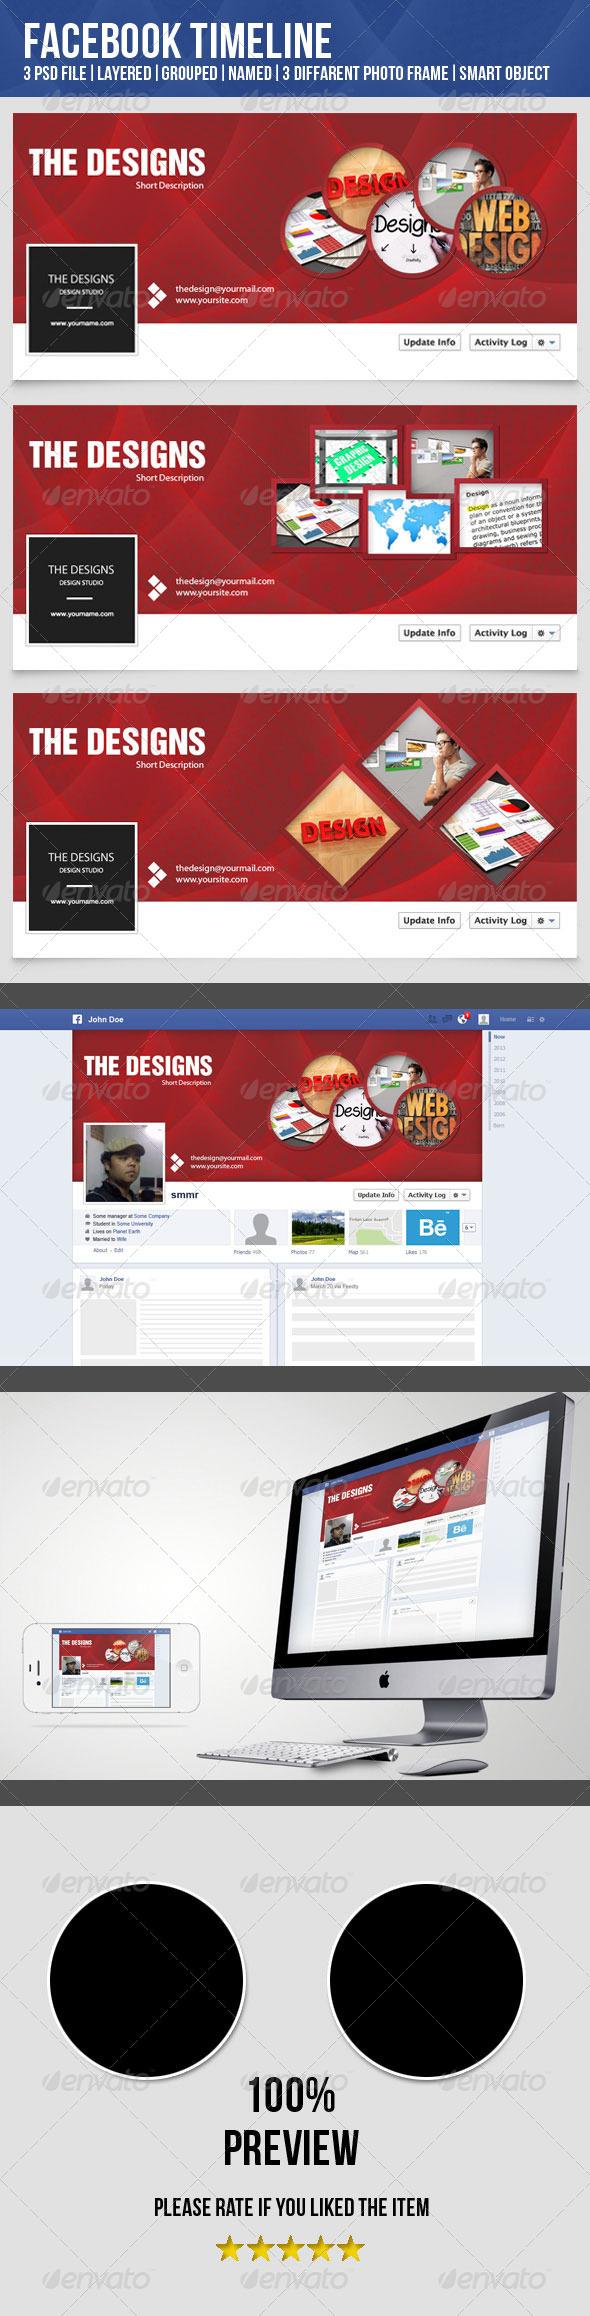 Facebook Timeline-Design Studio - Facebook Timeline Covers Social Media